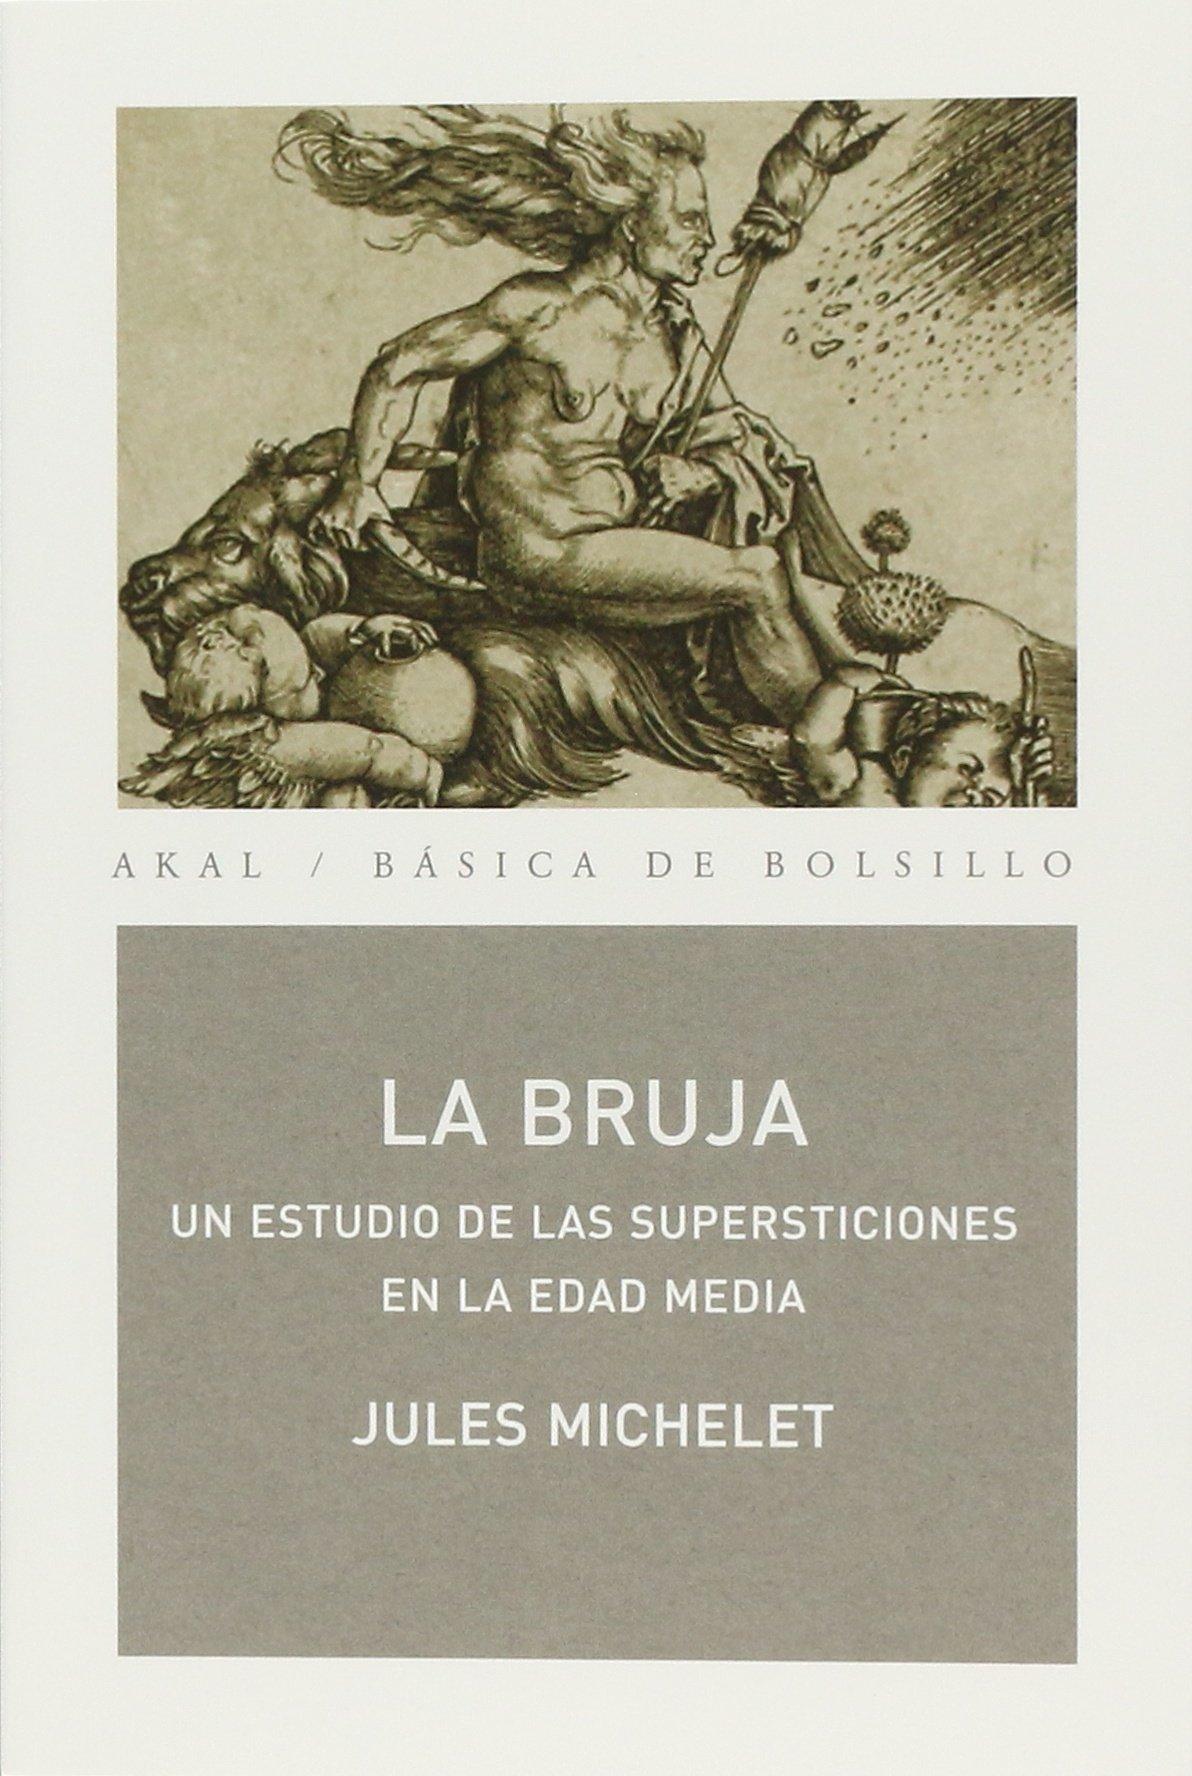 La bruja: Un estudio de las supersticiones en la Edad Media (Básica de Bolsillo) Tapa blanda – 21 jun 2004 Jules Michelet Rosina Lajo Pérez Ediciones Akal S.A.